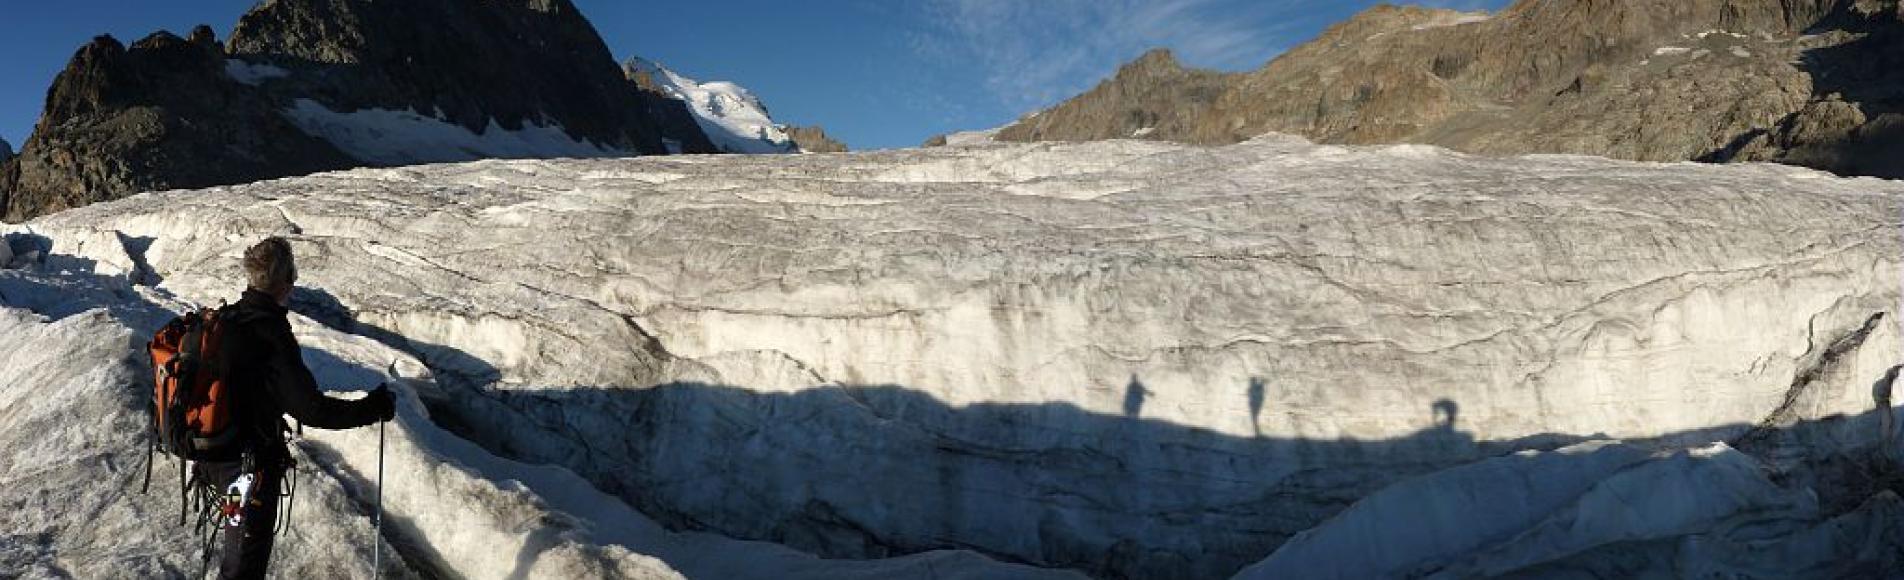 Relevés des balises glacier Blanc - © Mireille Coulon - Parc national des Ecrins